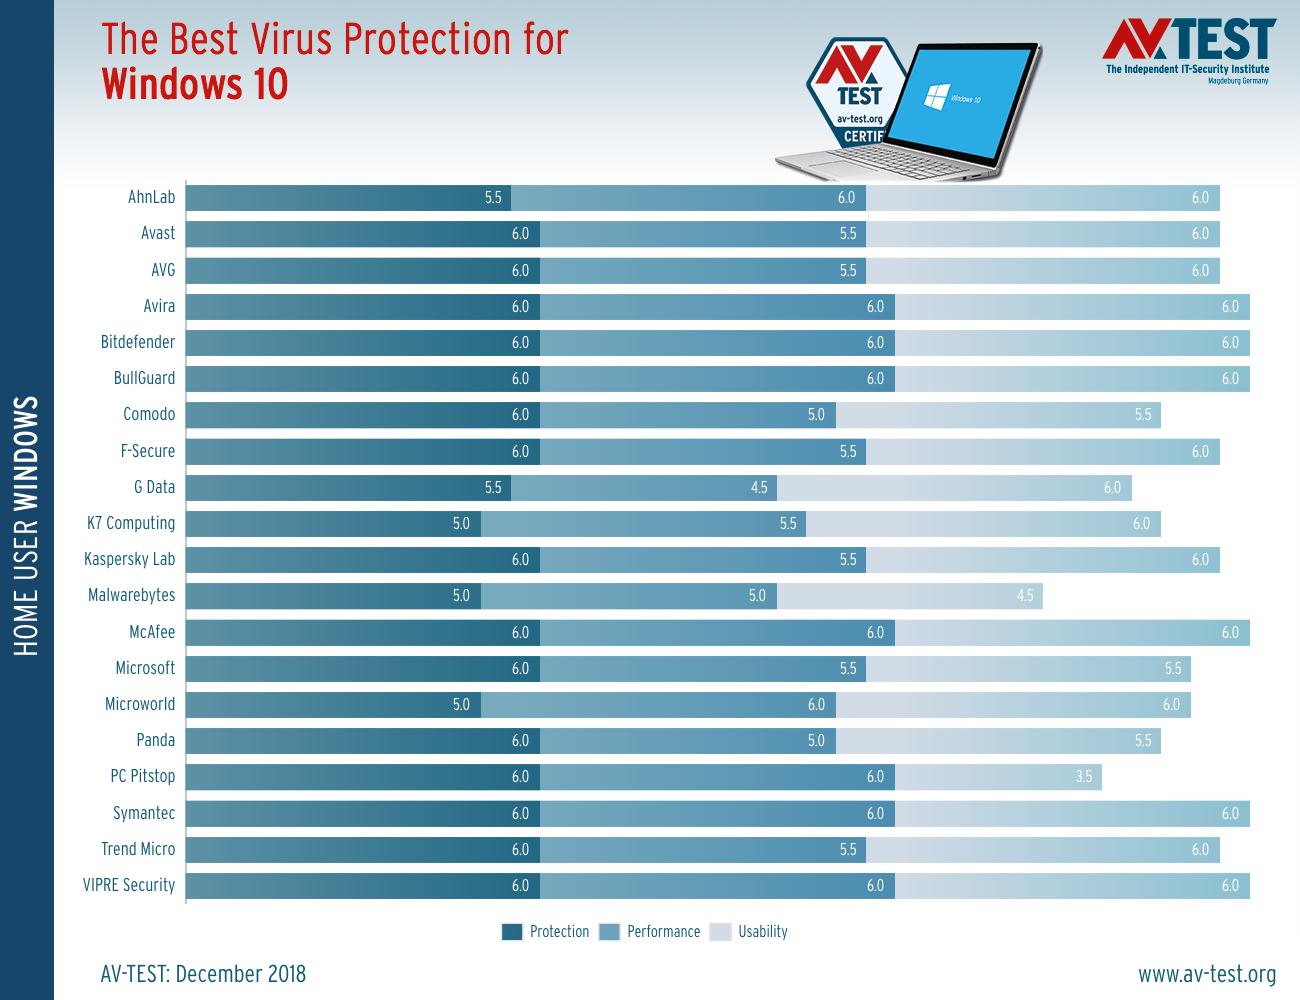 Τα καλύτερα antivirus για τα Windows 10 (Δεκέμβριος 2018) The-be11